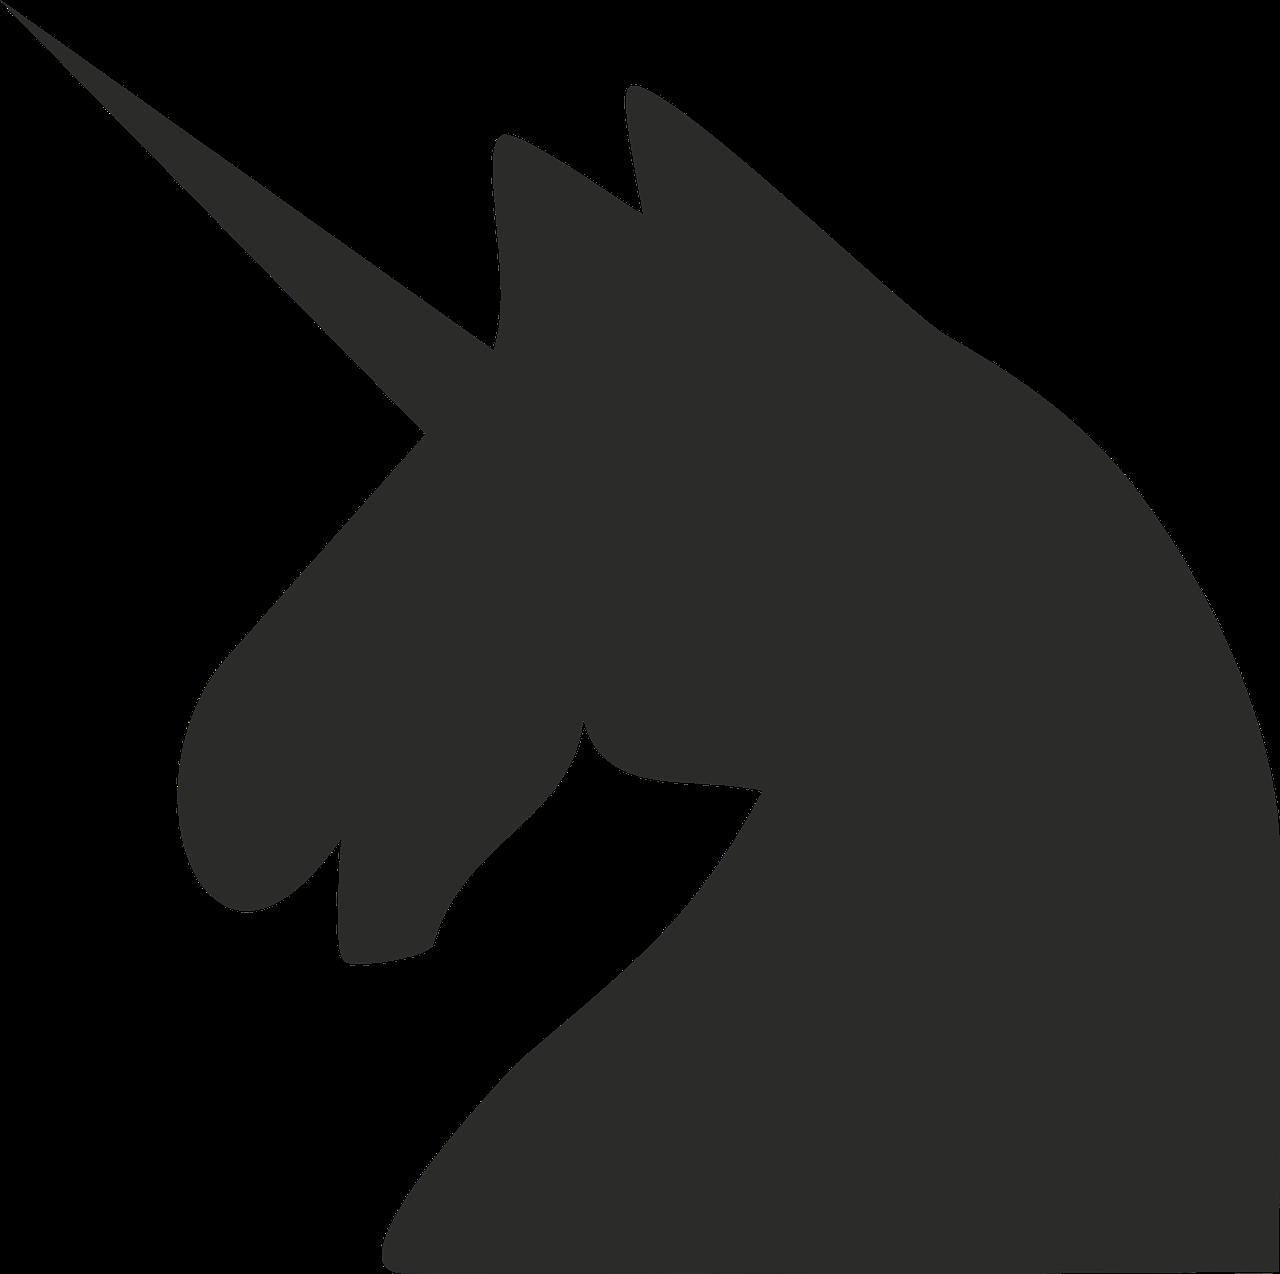 Foto Startup/1 Pazza idea: una generazione di Unicorni (oltre 1 mld di ricavi) anche in Italia